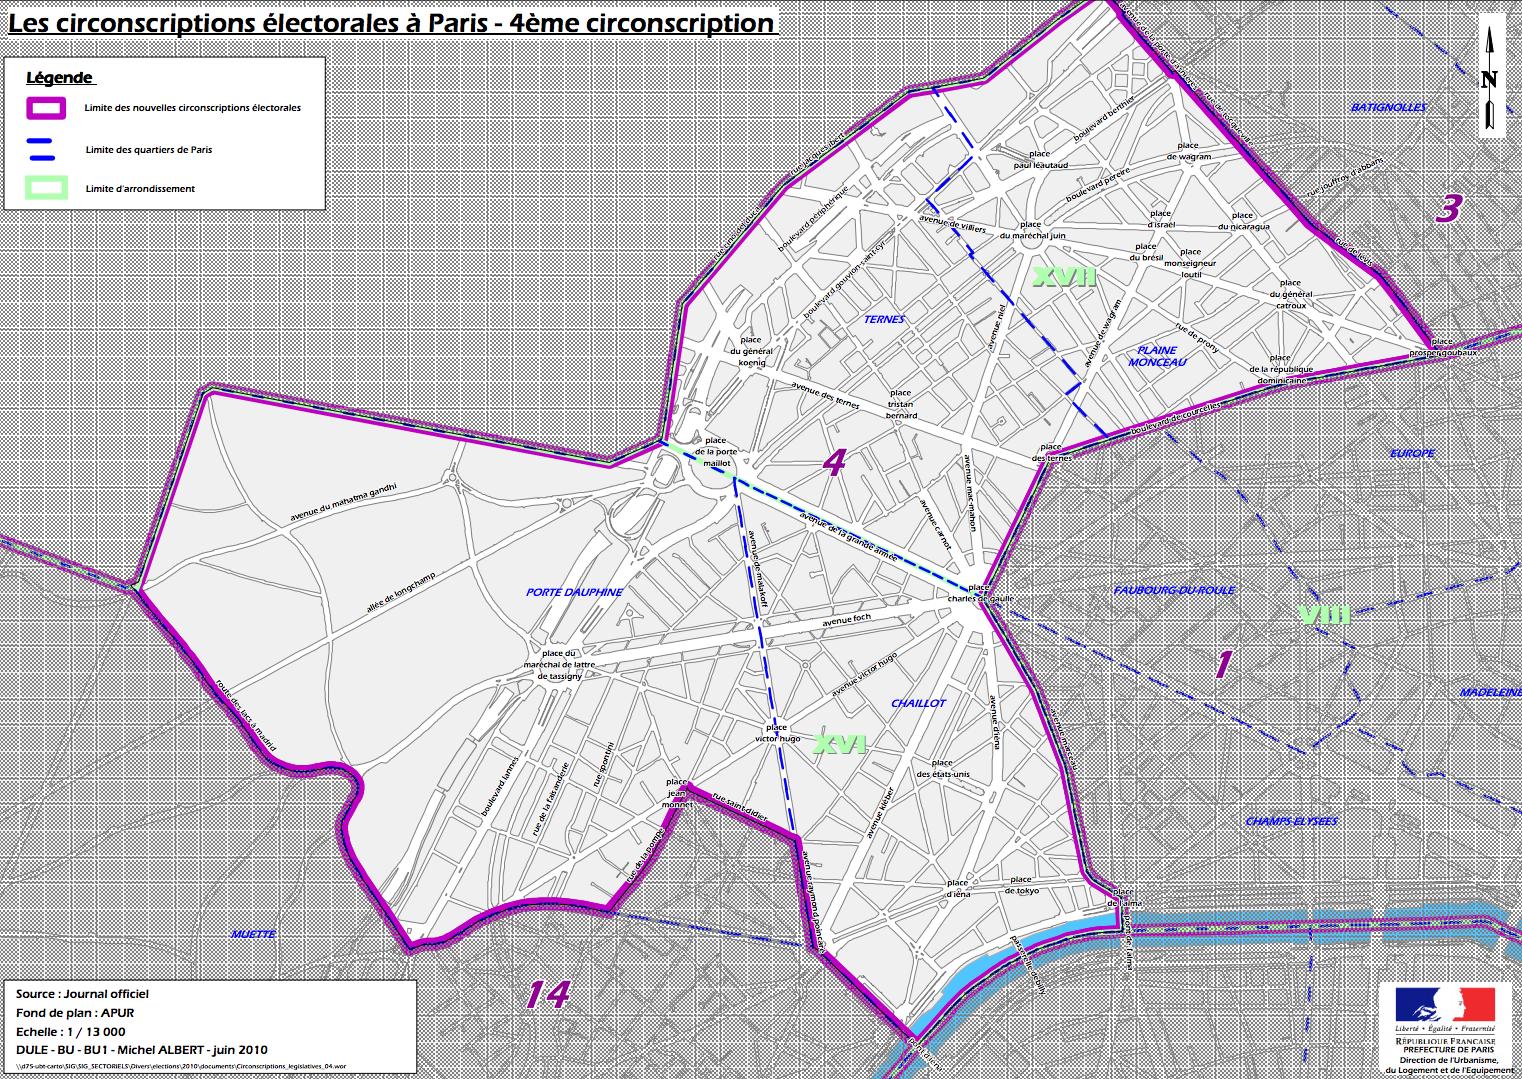 Cliquer pour agrandir - La 4e circonscription de Paris (c) Ministère de l'intérieur.